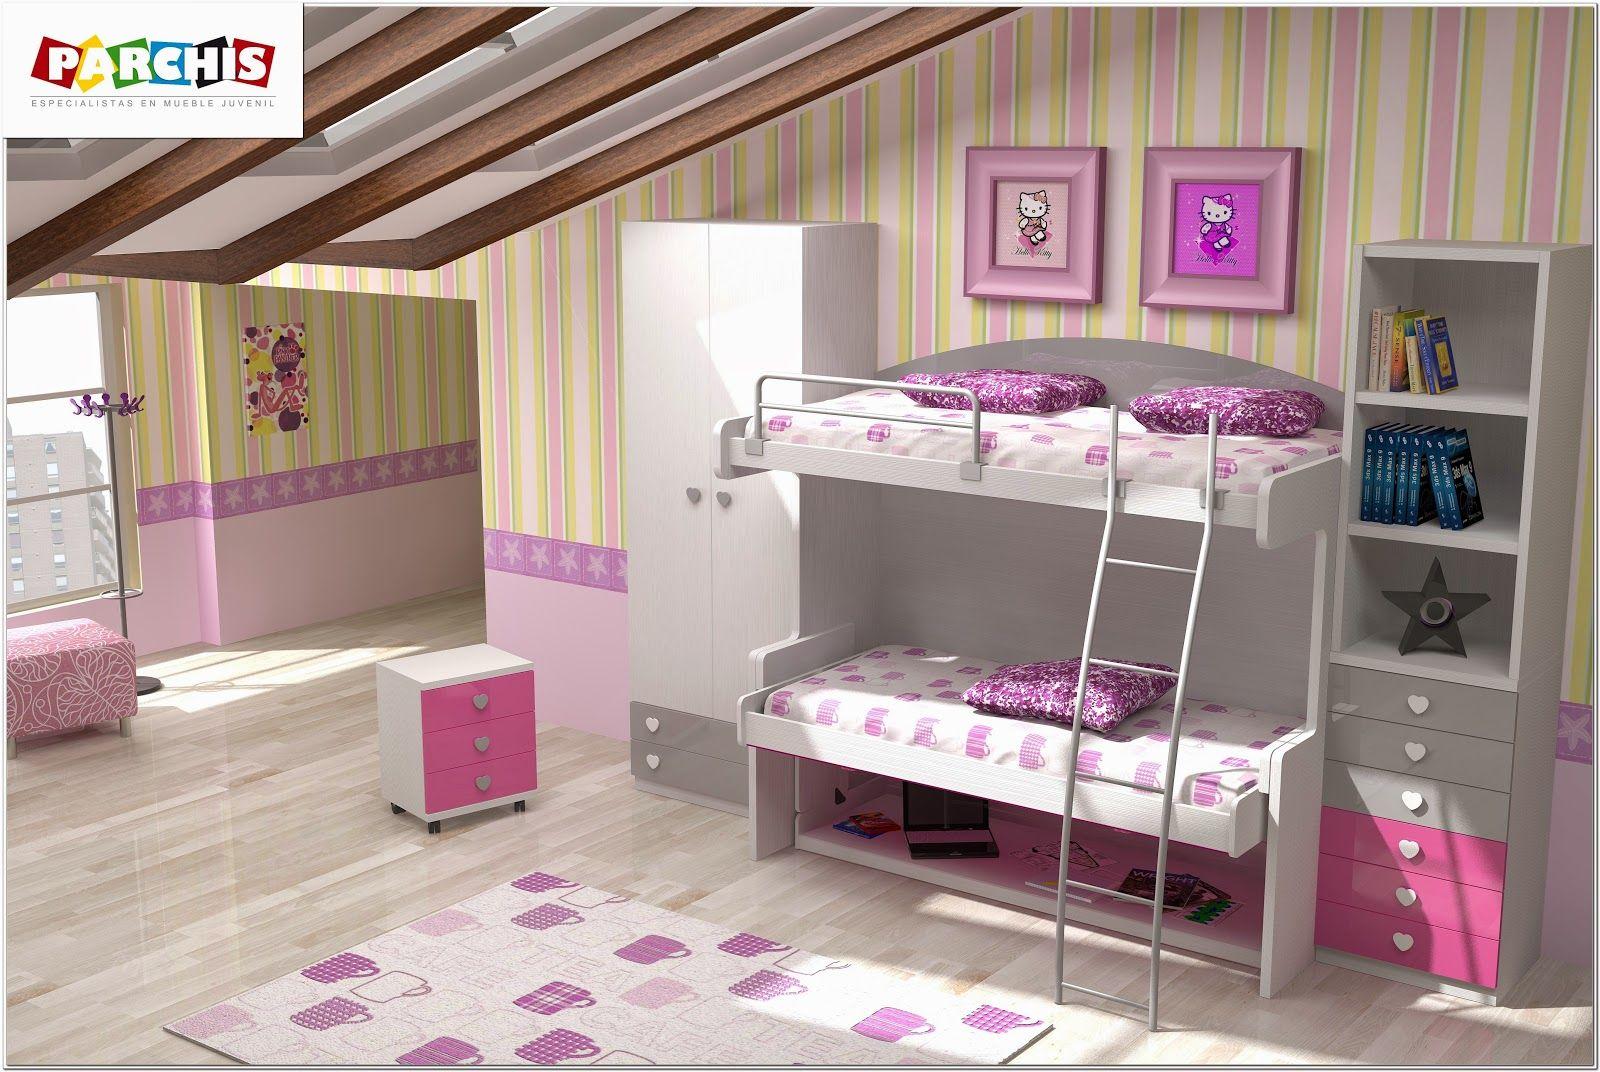 Dormitorios juveniles en madrid habitaciones infantiles en madrid muebles juveniles en madrid - Dormitorios juveniles en madrid ...